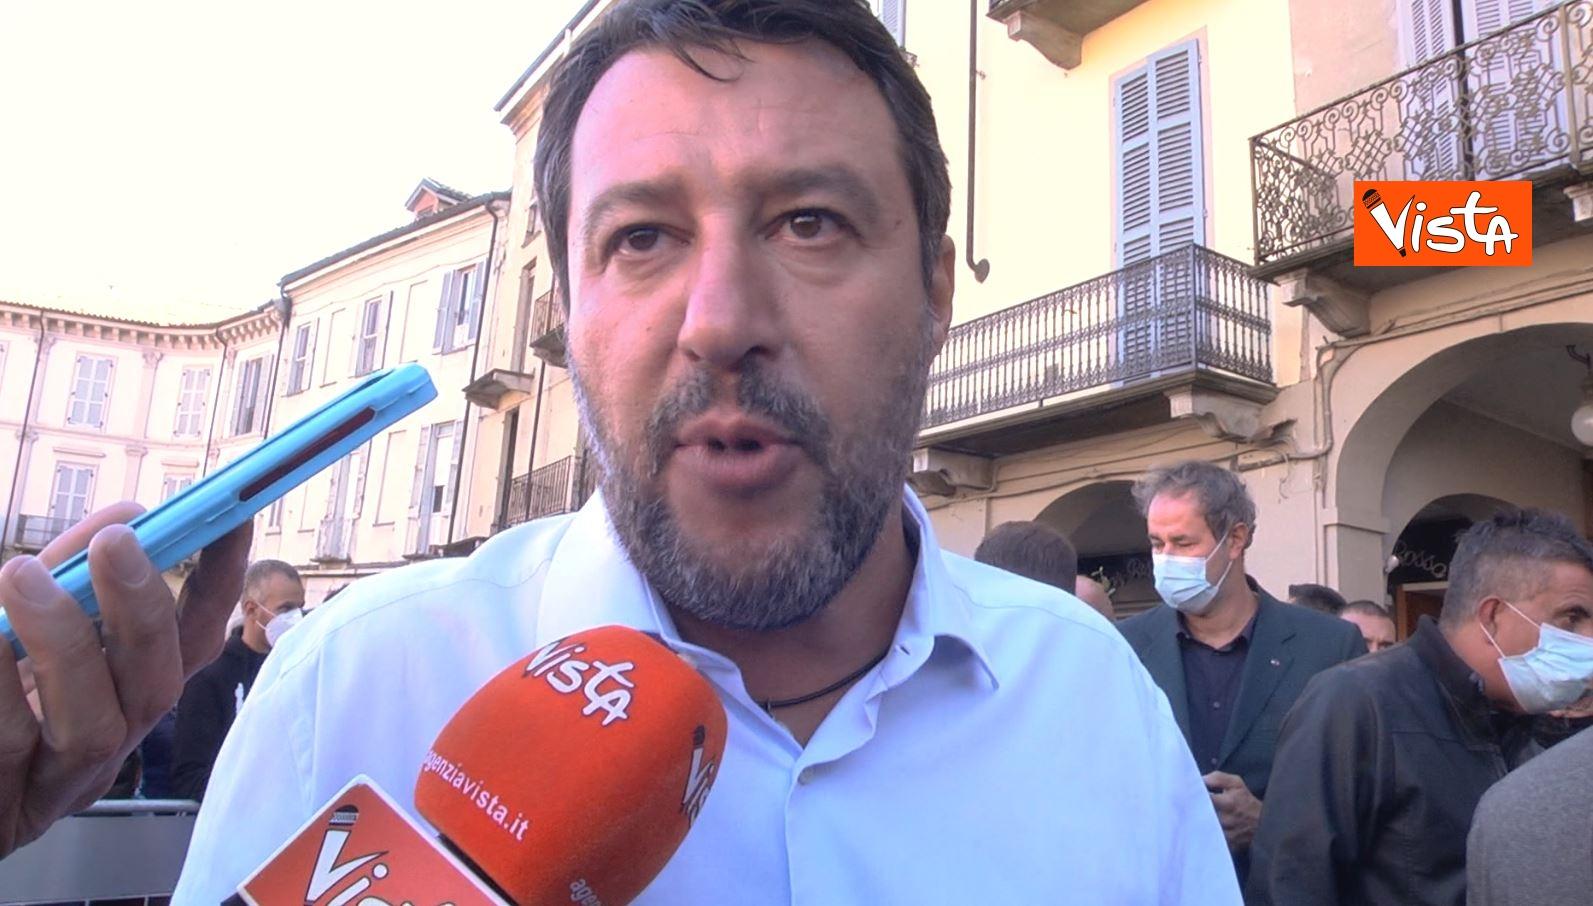 27_09_20 Salvini a Voghera Pavia per il comizio elettorale le immagini _05